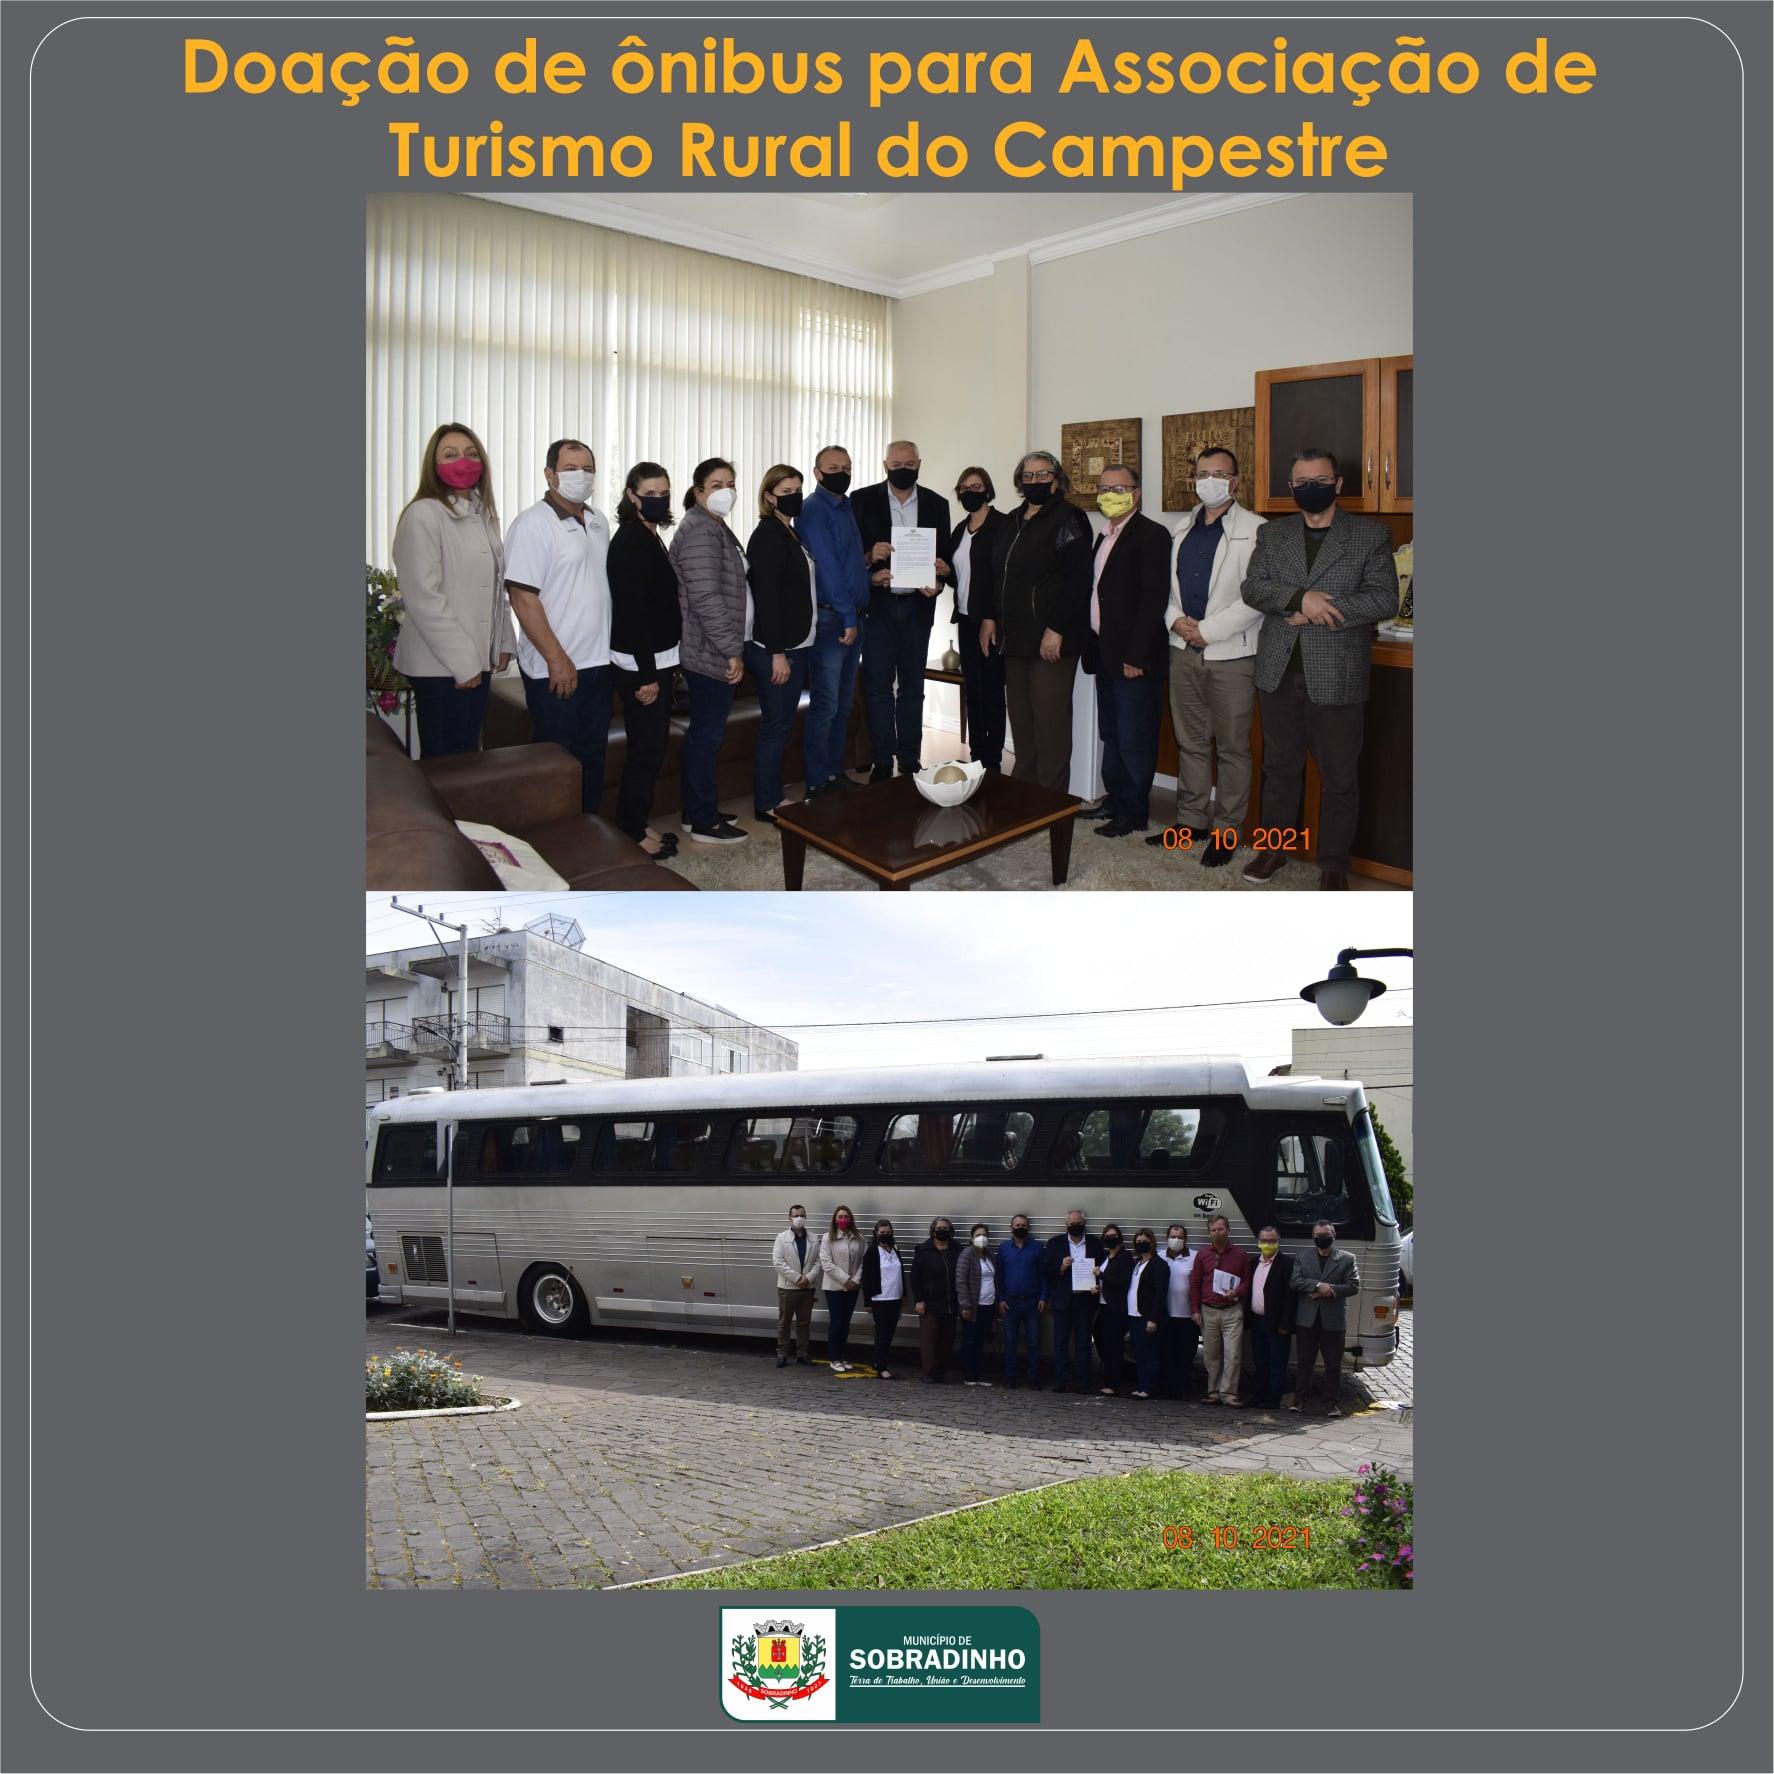 Sobradinho doa ônibus para Associação de Turismo Rural do Campestre